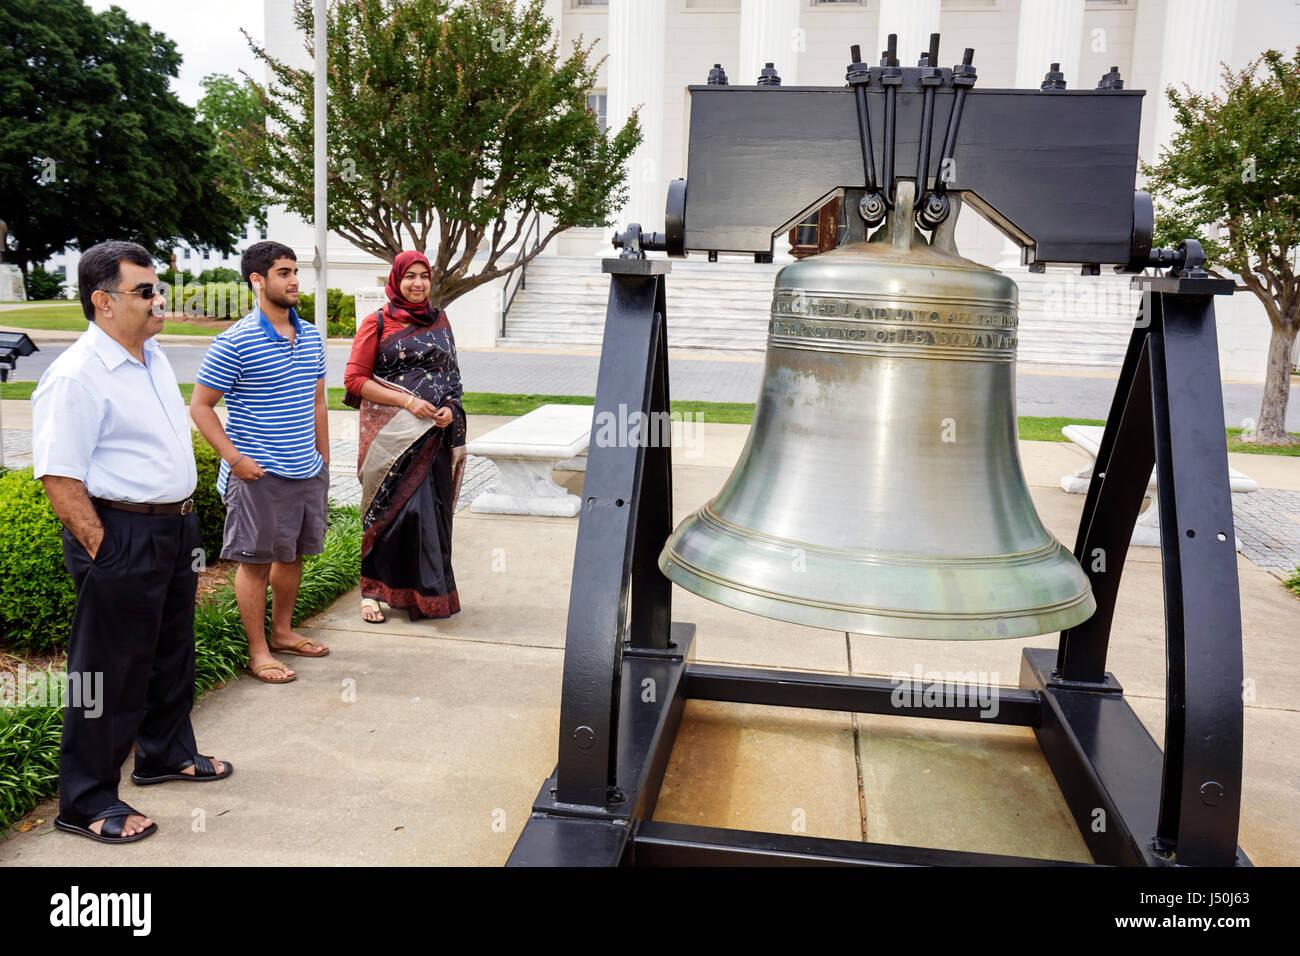 Alabama, AL, Sur, Condado de Montgomery, Montgomery, edificio del Capitolio del Estado, réplica de Liberty Bell, Asia Asian Etnia inmigrantes inmigrantes inmigrantes ínicos Foto de stock